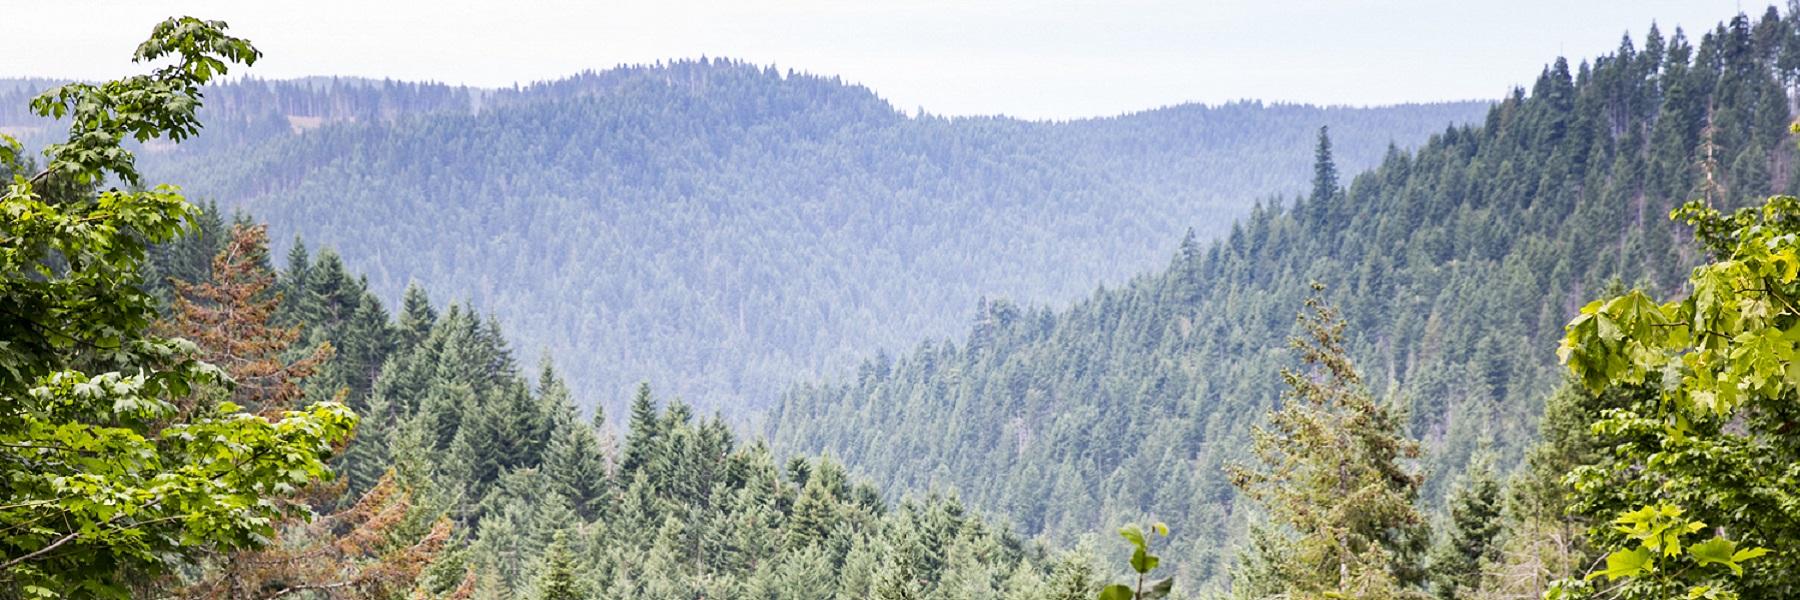 Tillamook_State_Forest_170806_WashCo_2035_Kochey